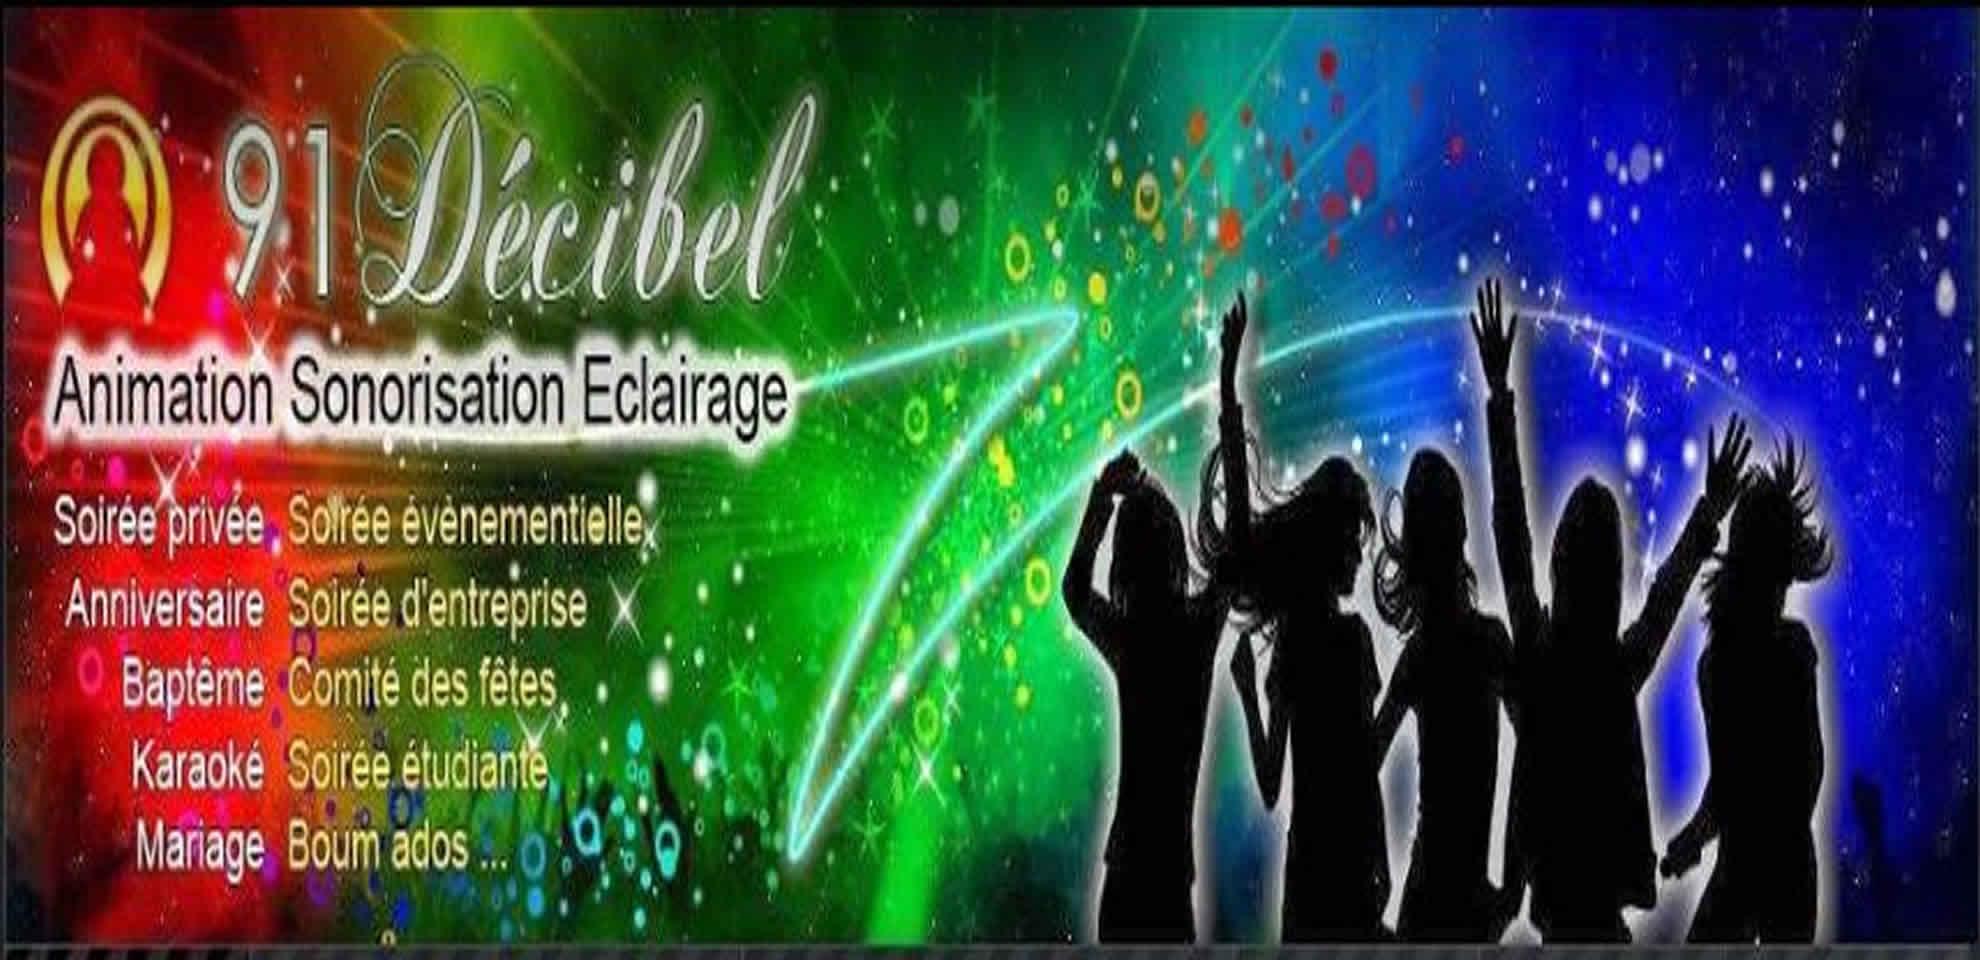 91decibel.fr : 91decibel - DJ Mariage Animation Jeux